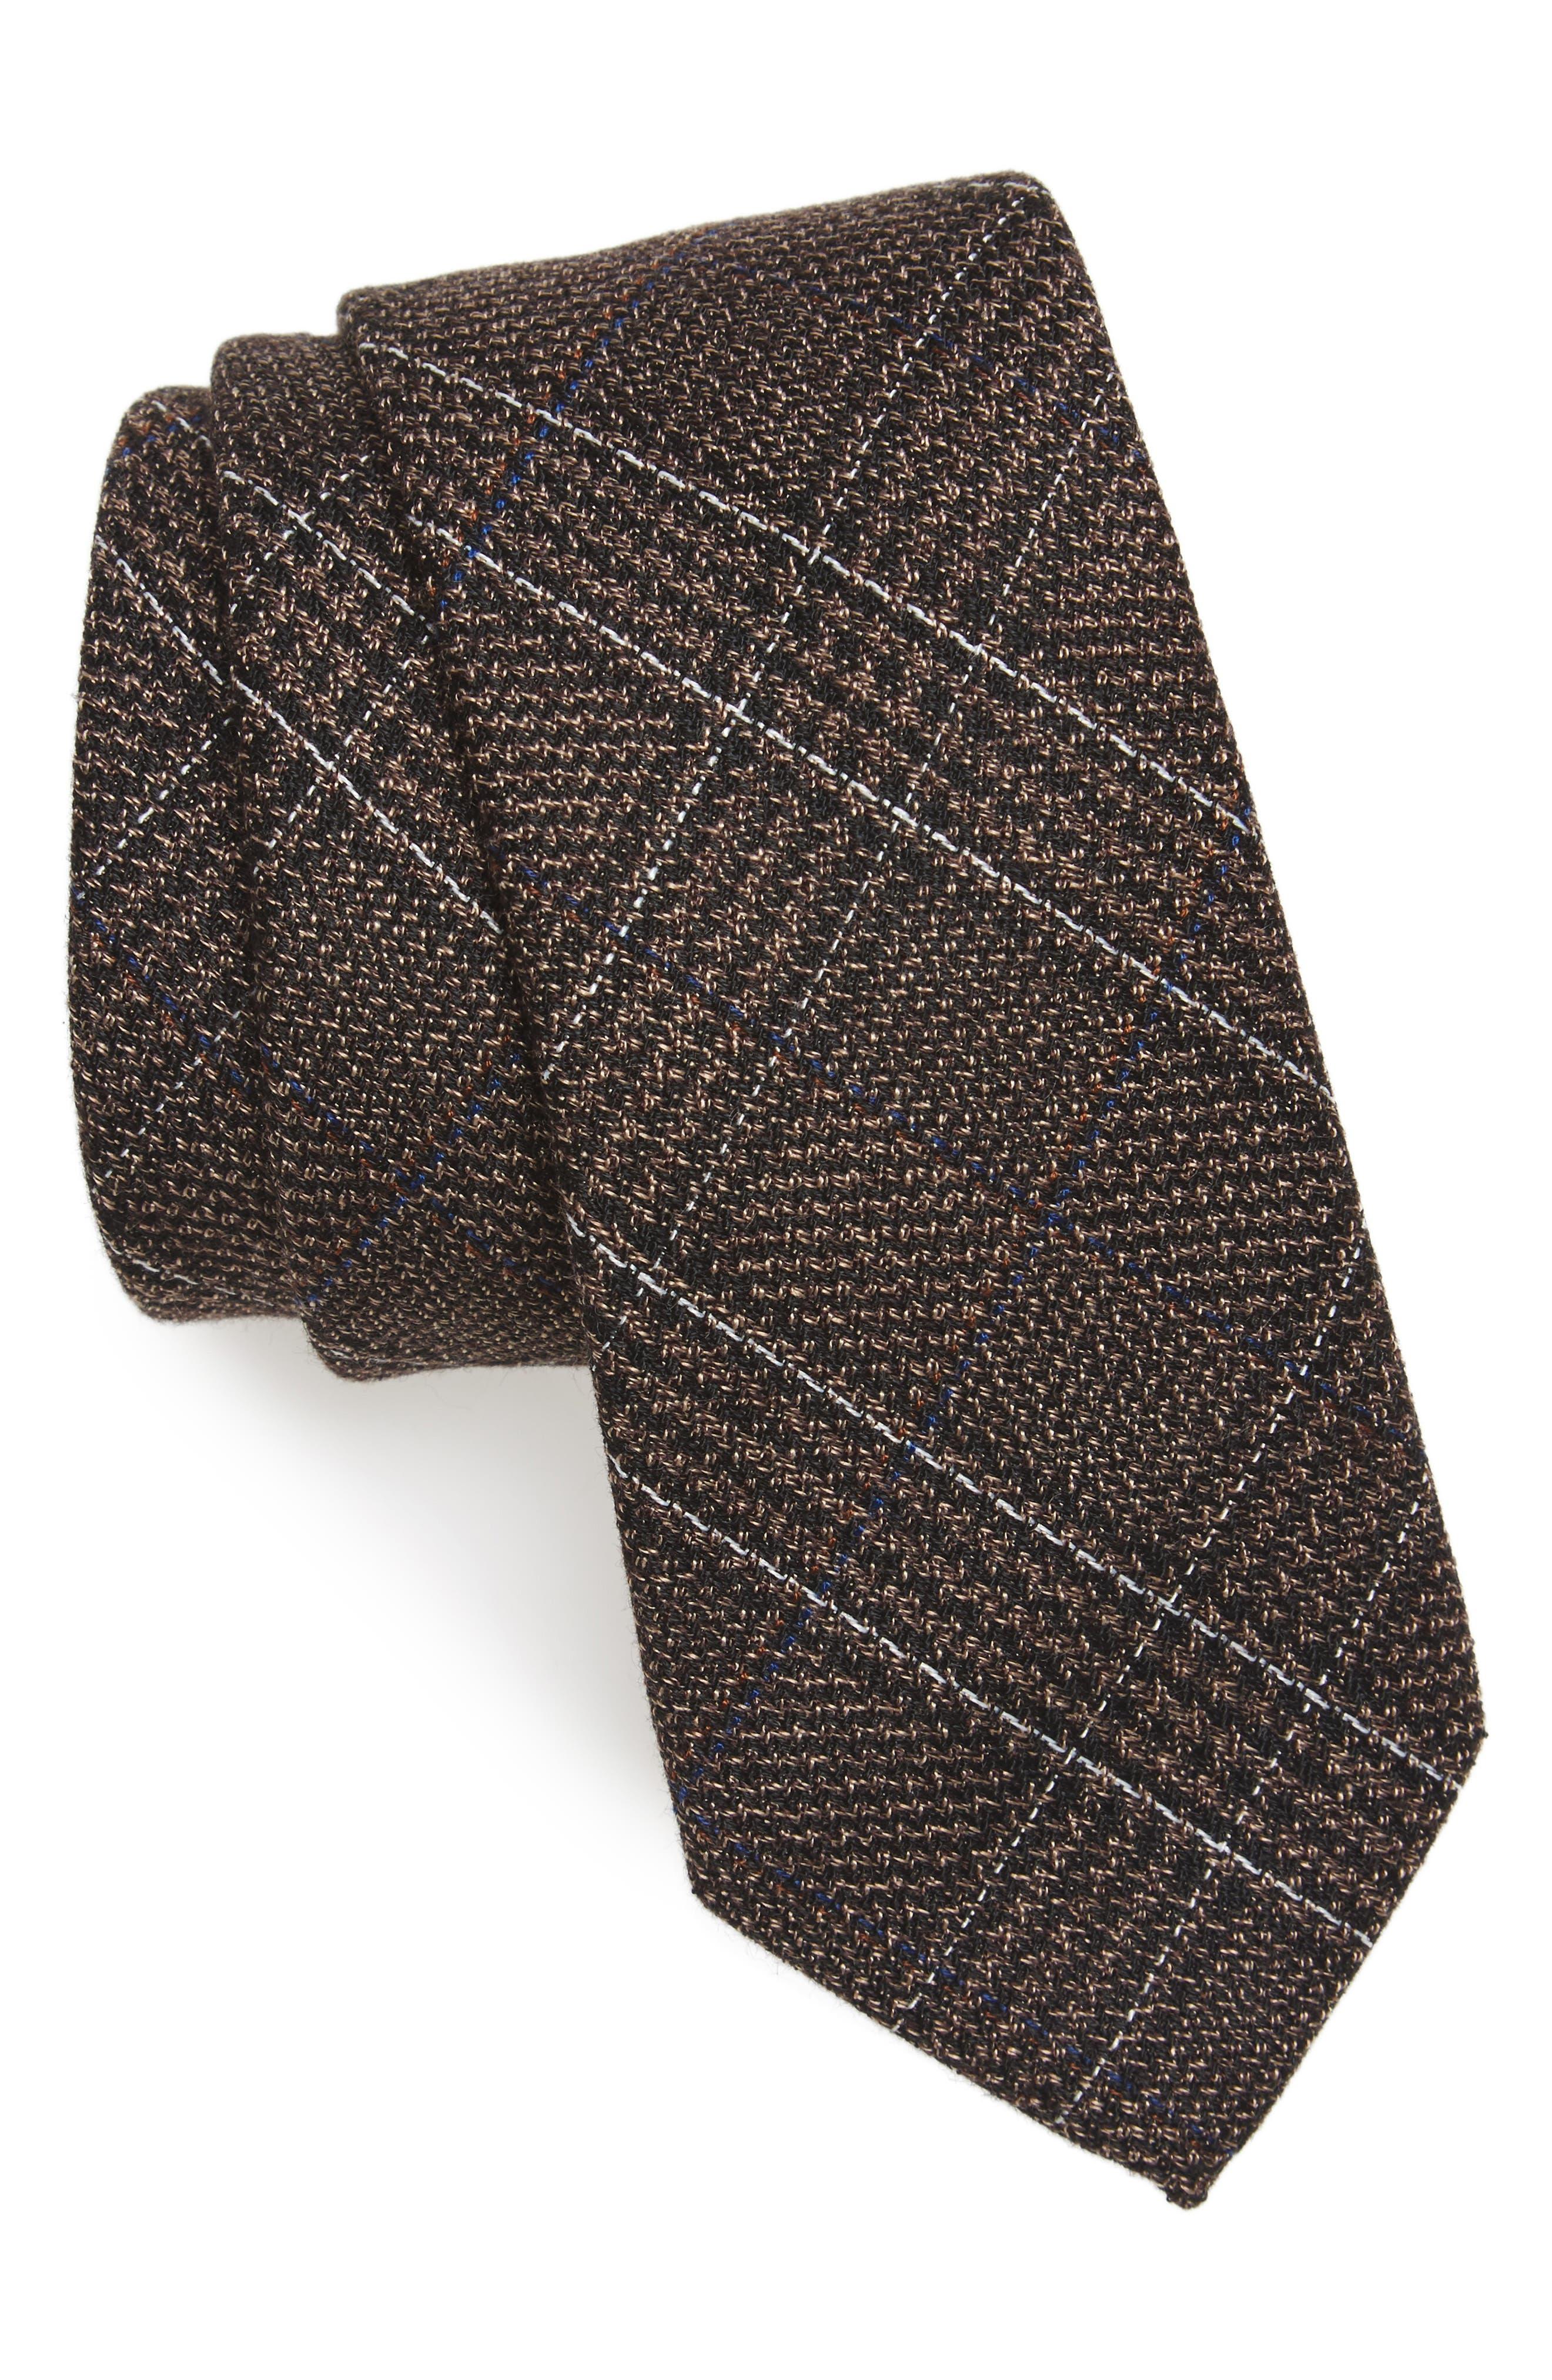 Nordstrom Men's Shop Eastview Check Skinny Tie